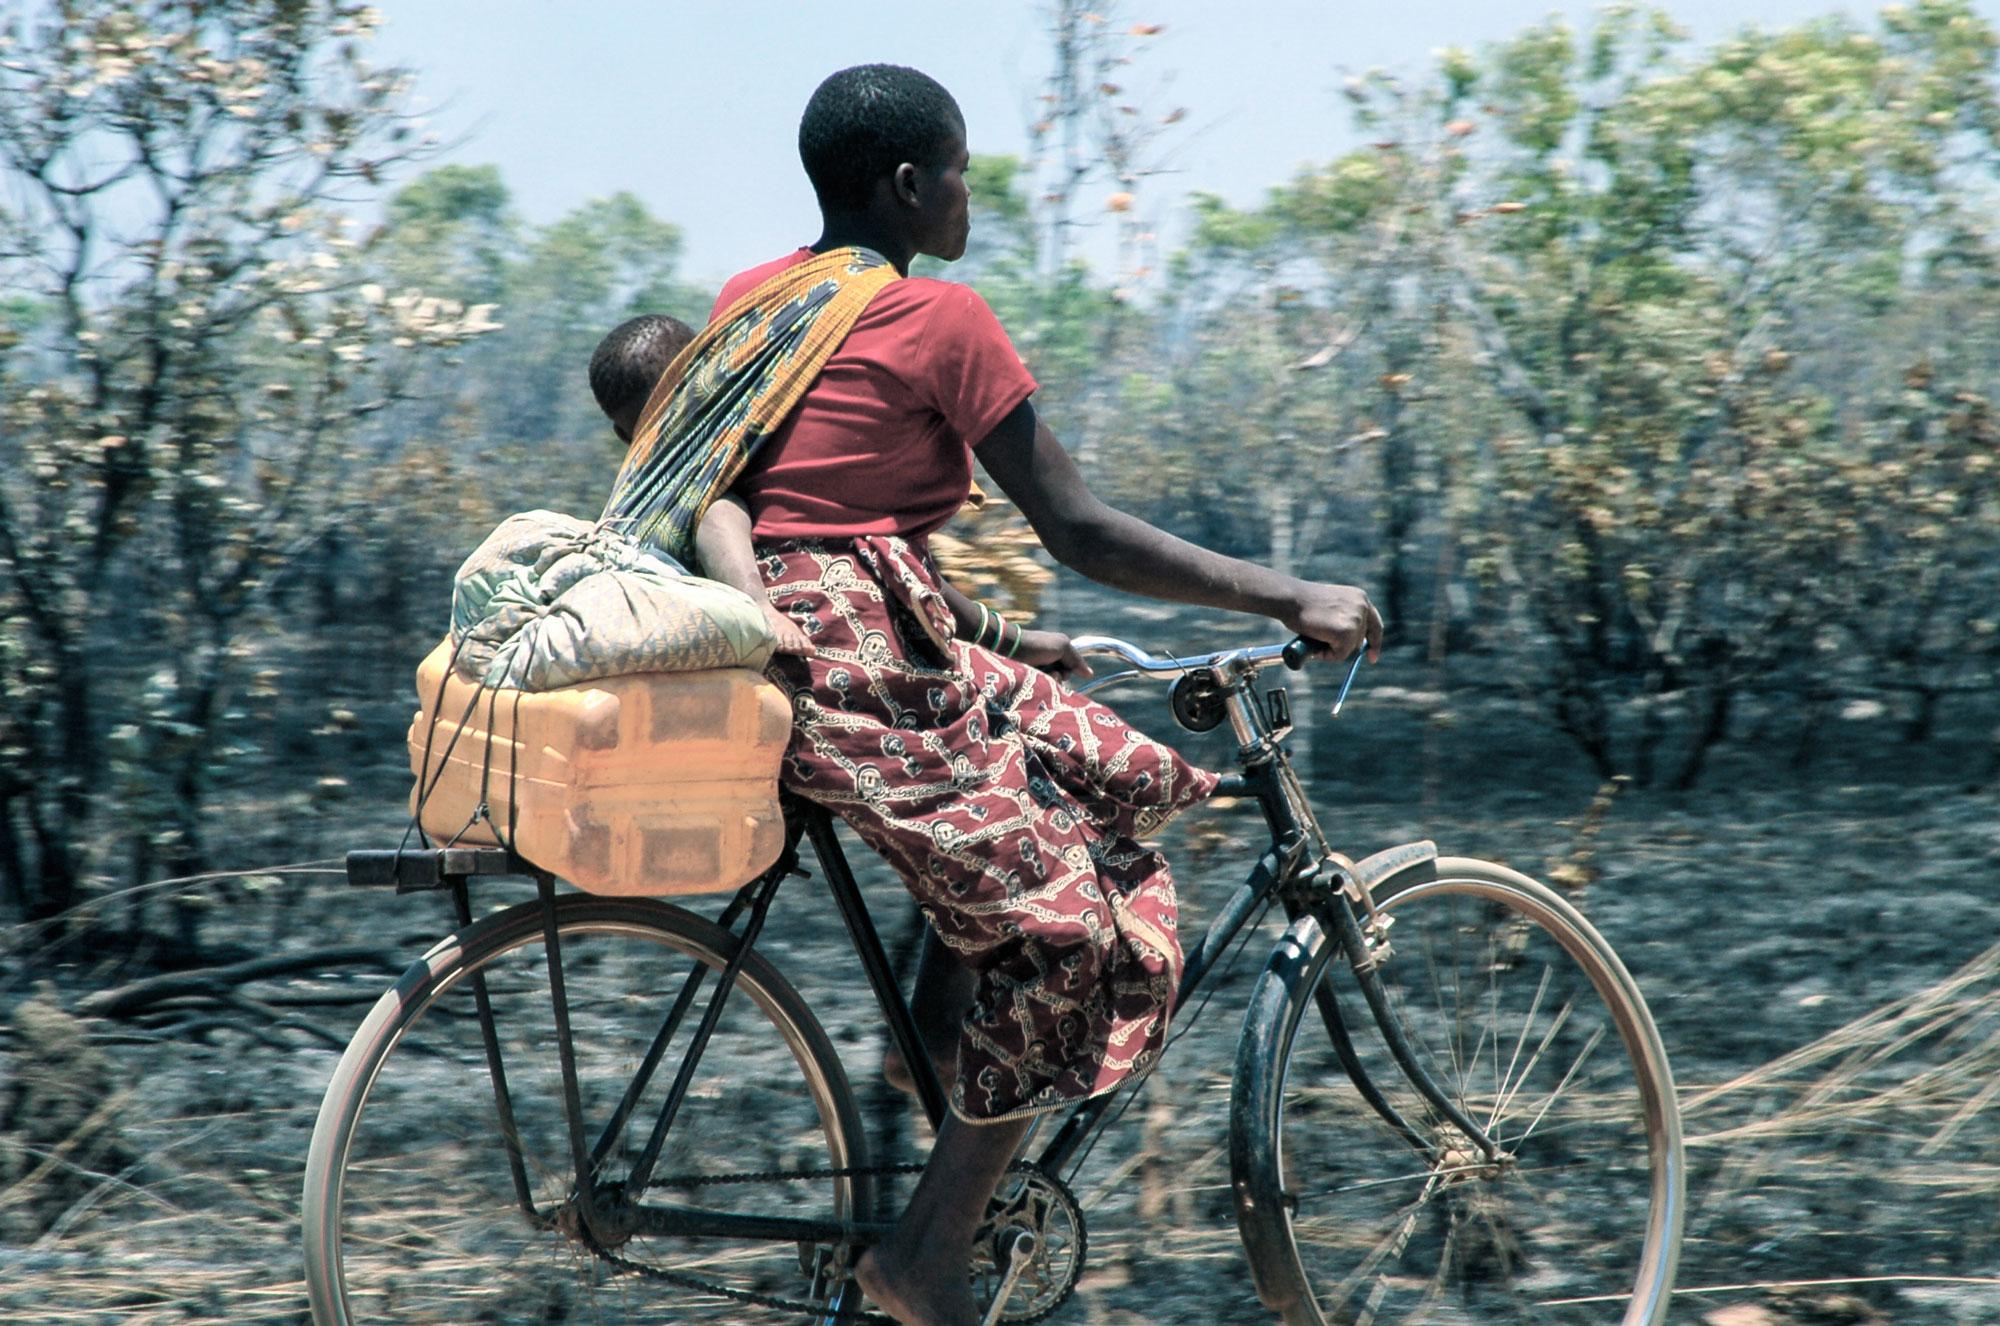 Mozambique-biker.jpg